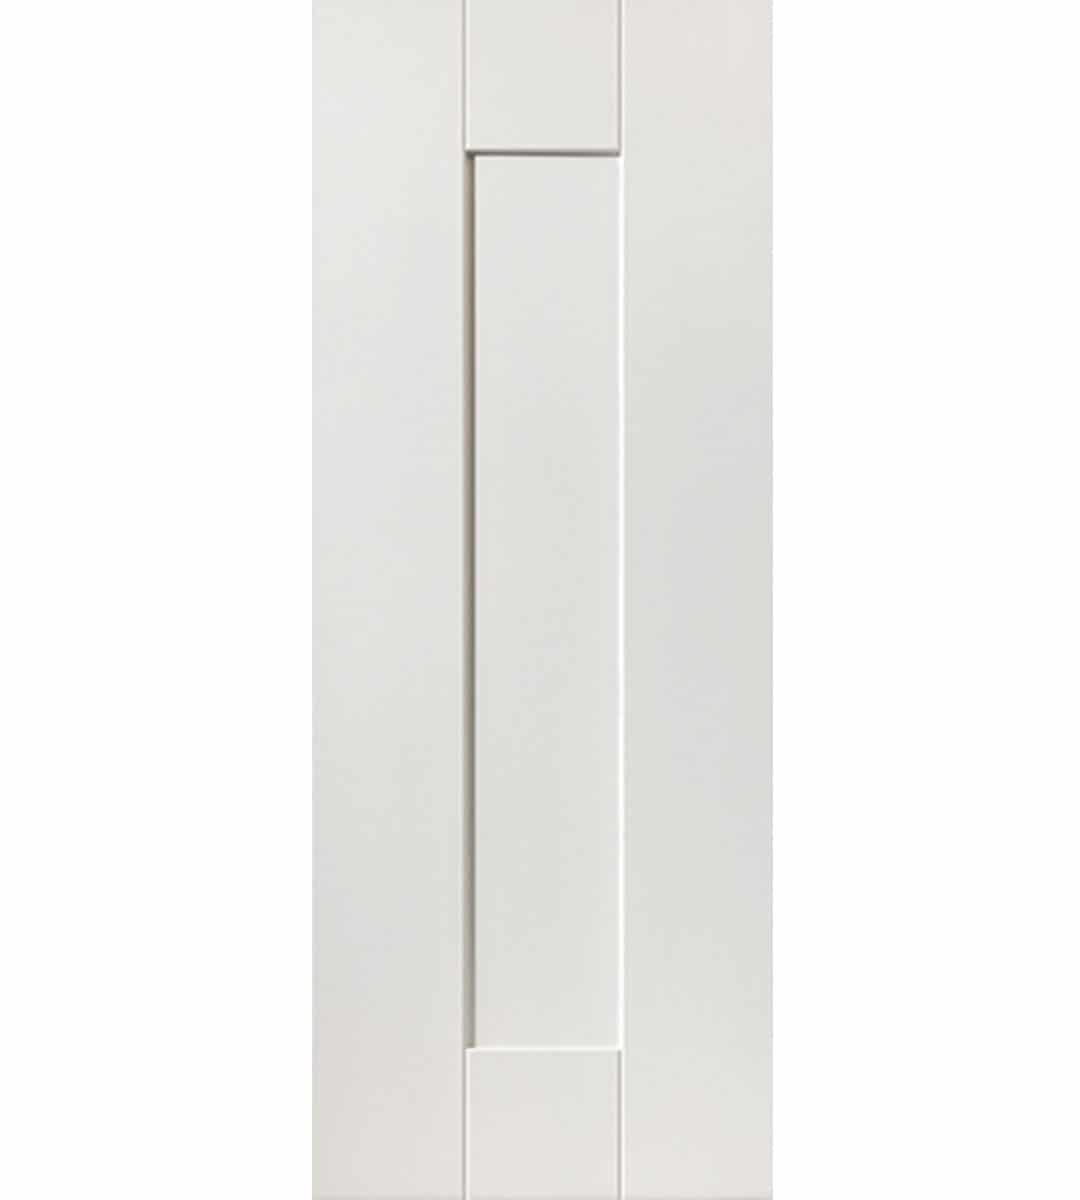 axis white internal door